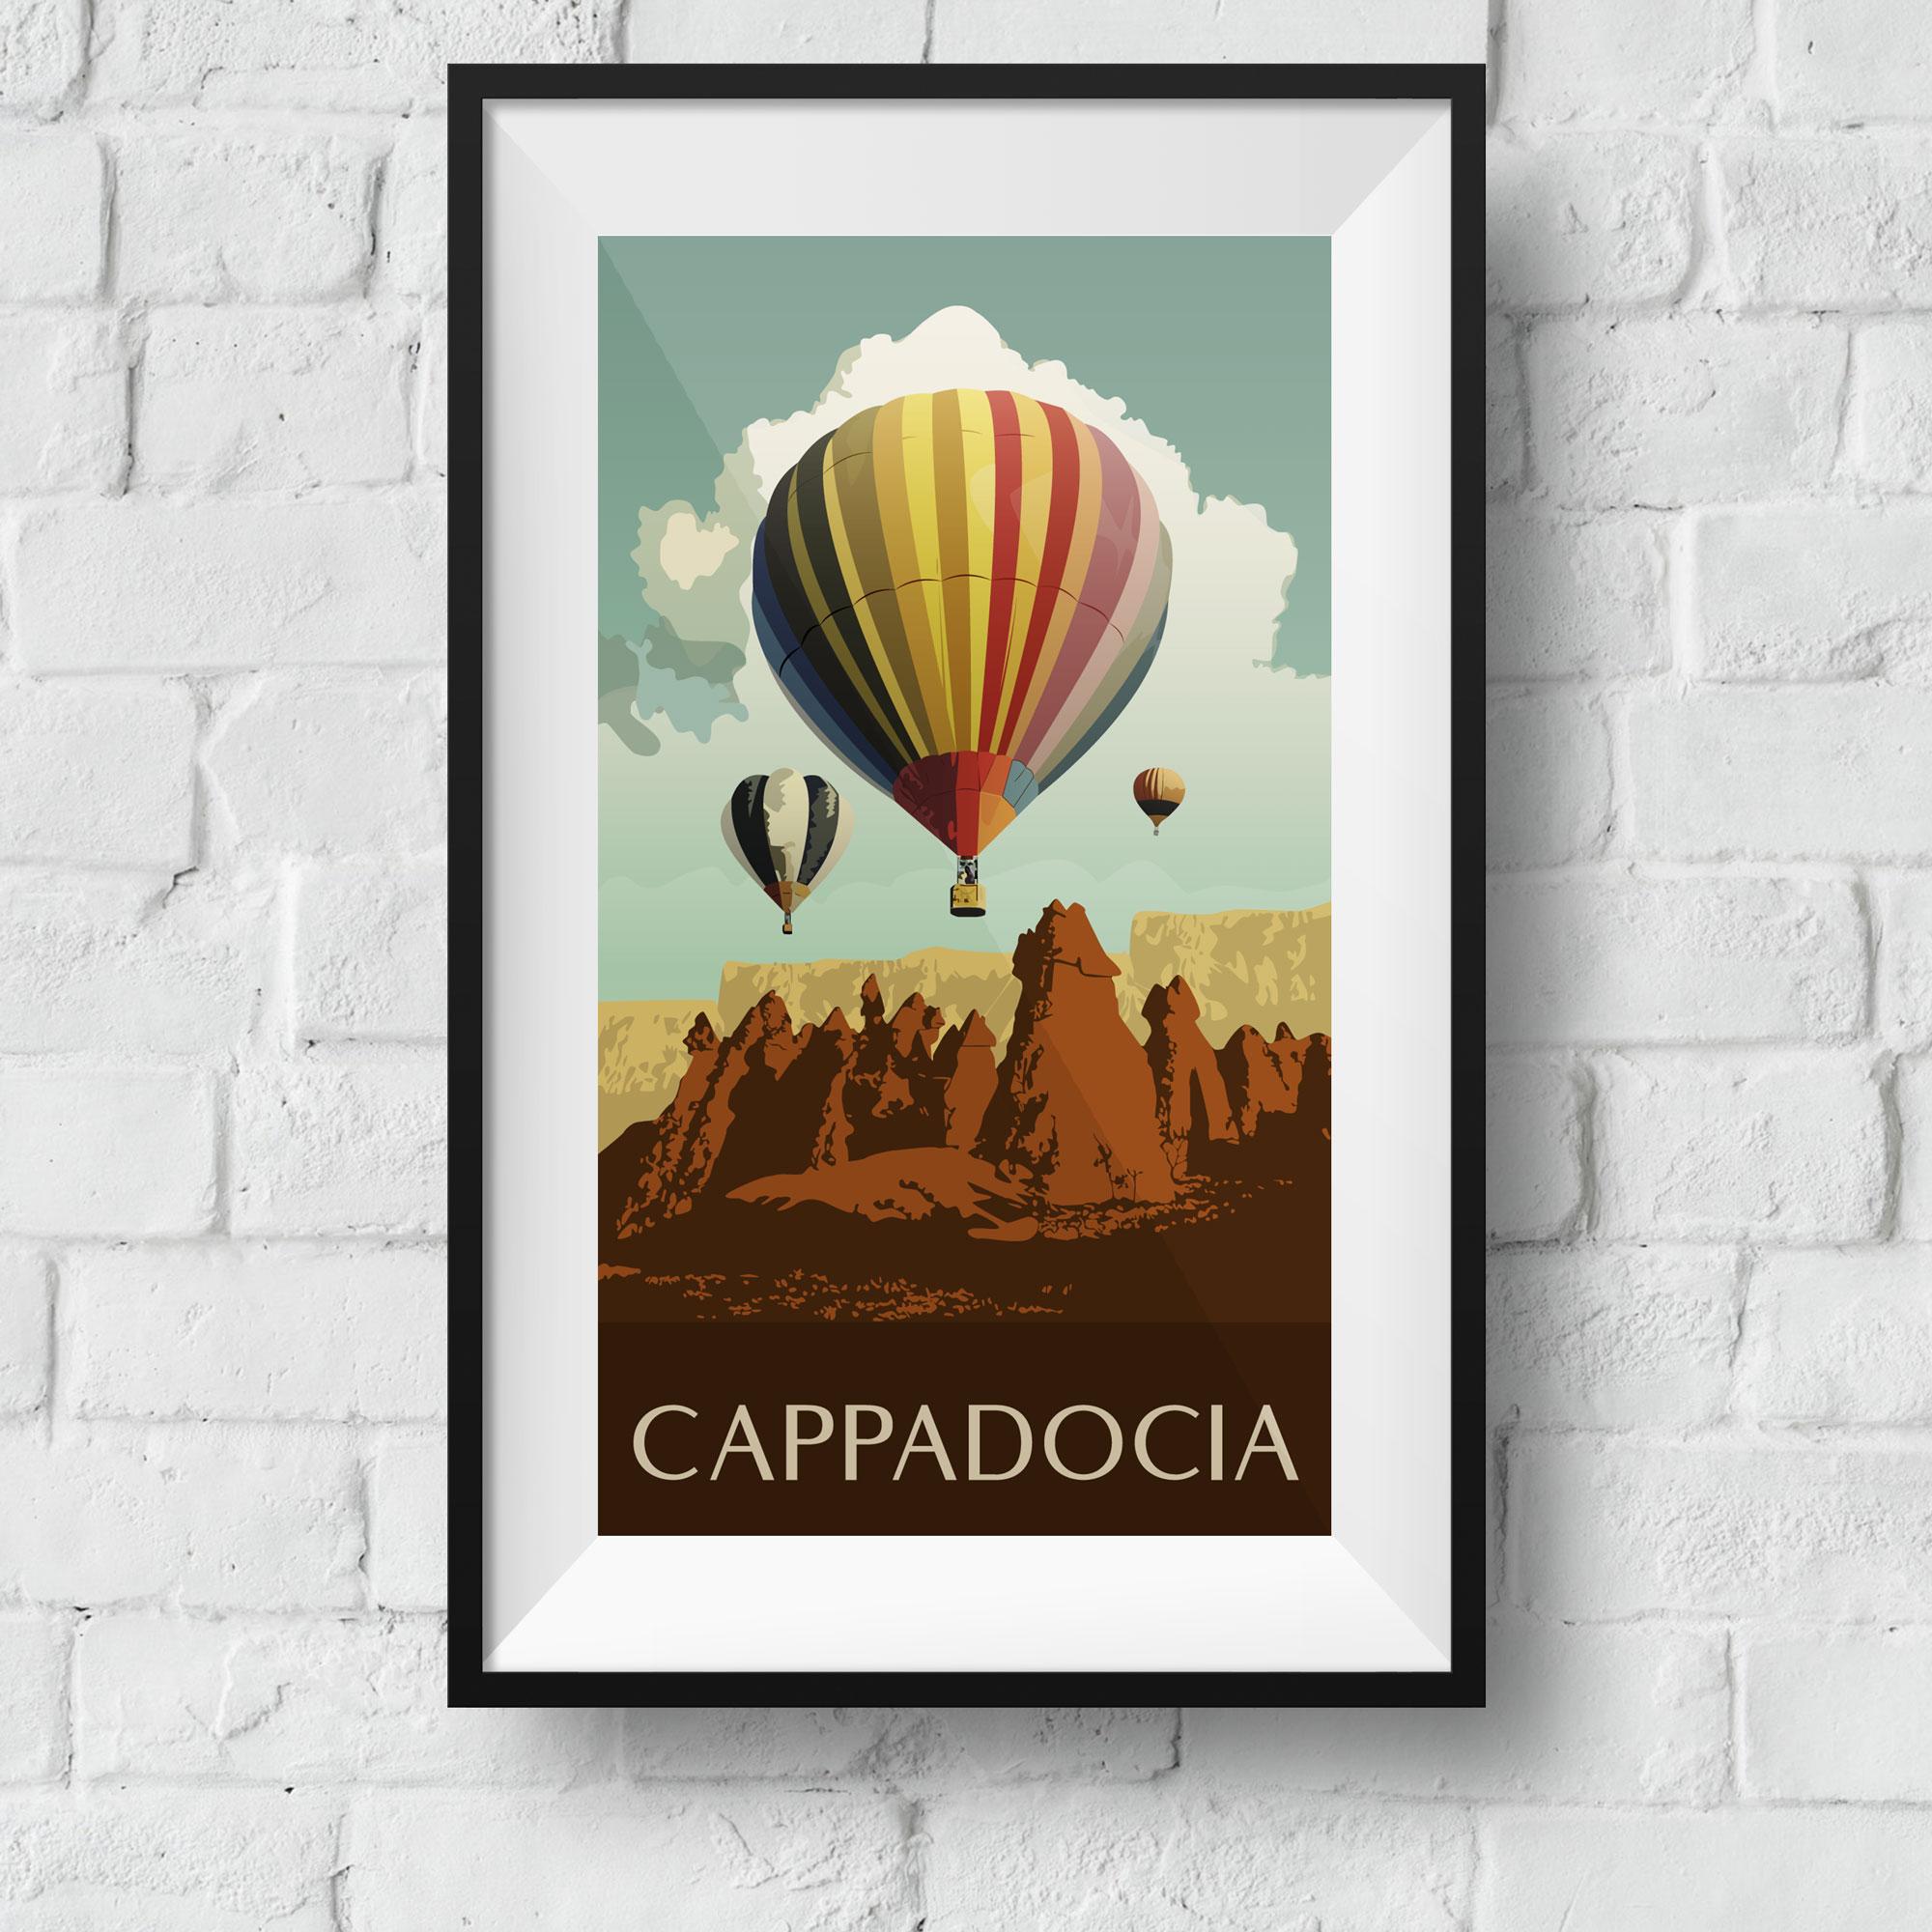 cappadocia-framed